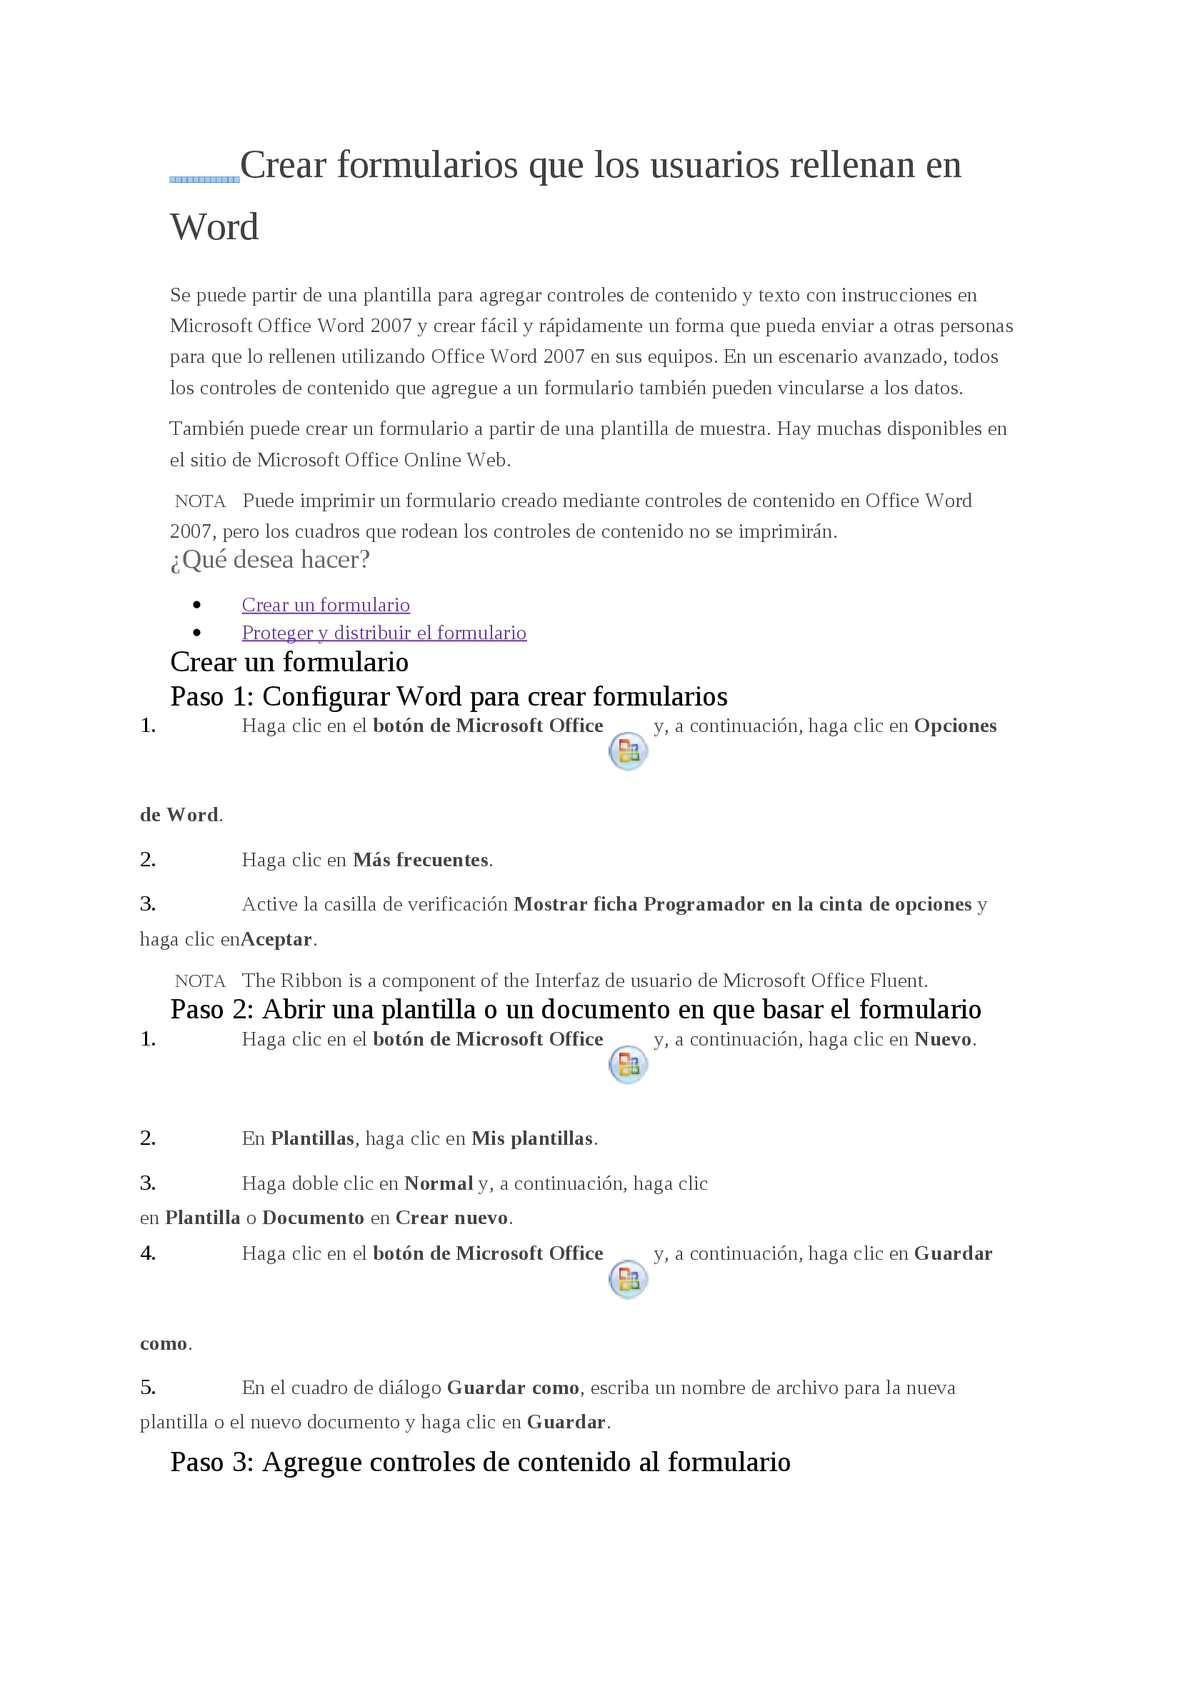 Calaméo - Crear formularios que los usuarios rellenan en Word